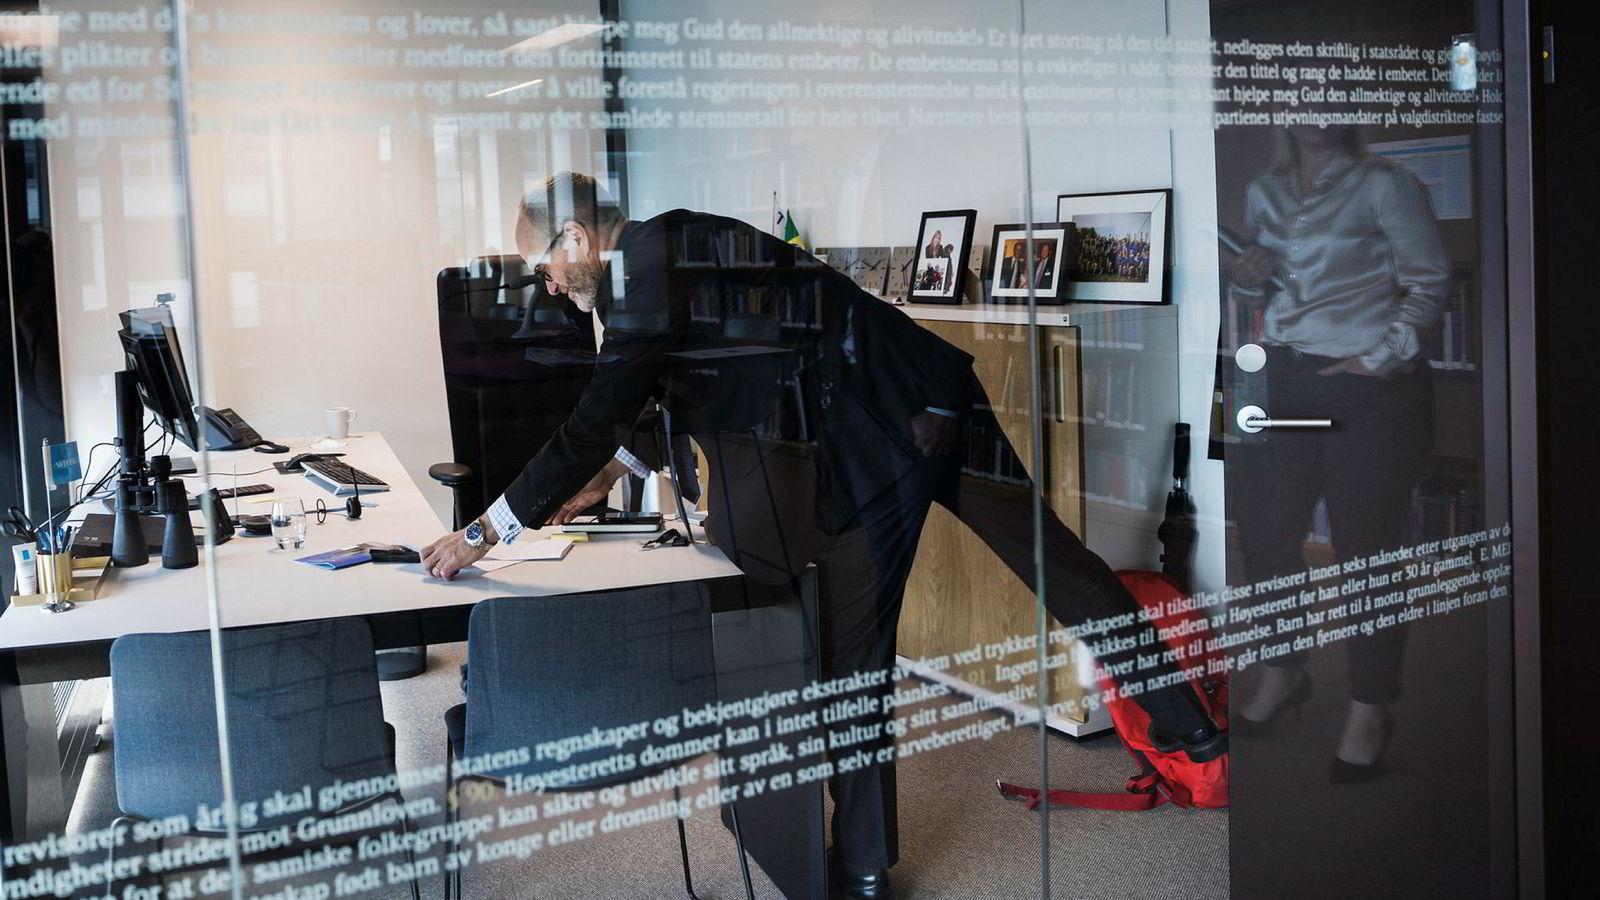 Administrerende partner Finn Bjørnstad i Wikborg Rein venter stor pågang av fusjoner og oppkjøp ut året. I nye lokaler i Vika i Oslo må han tømme pulten for papir før han går fra jobben hver dag.